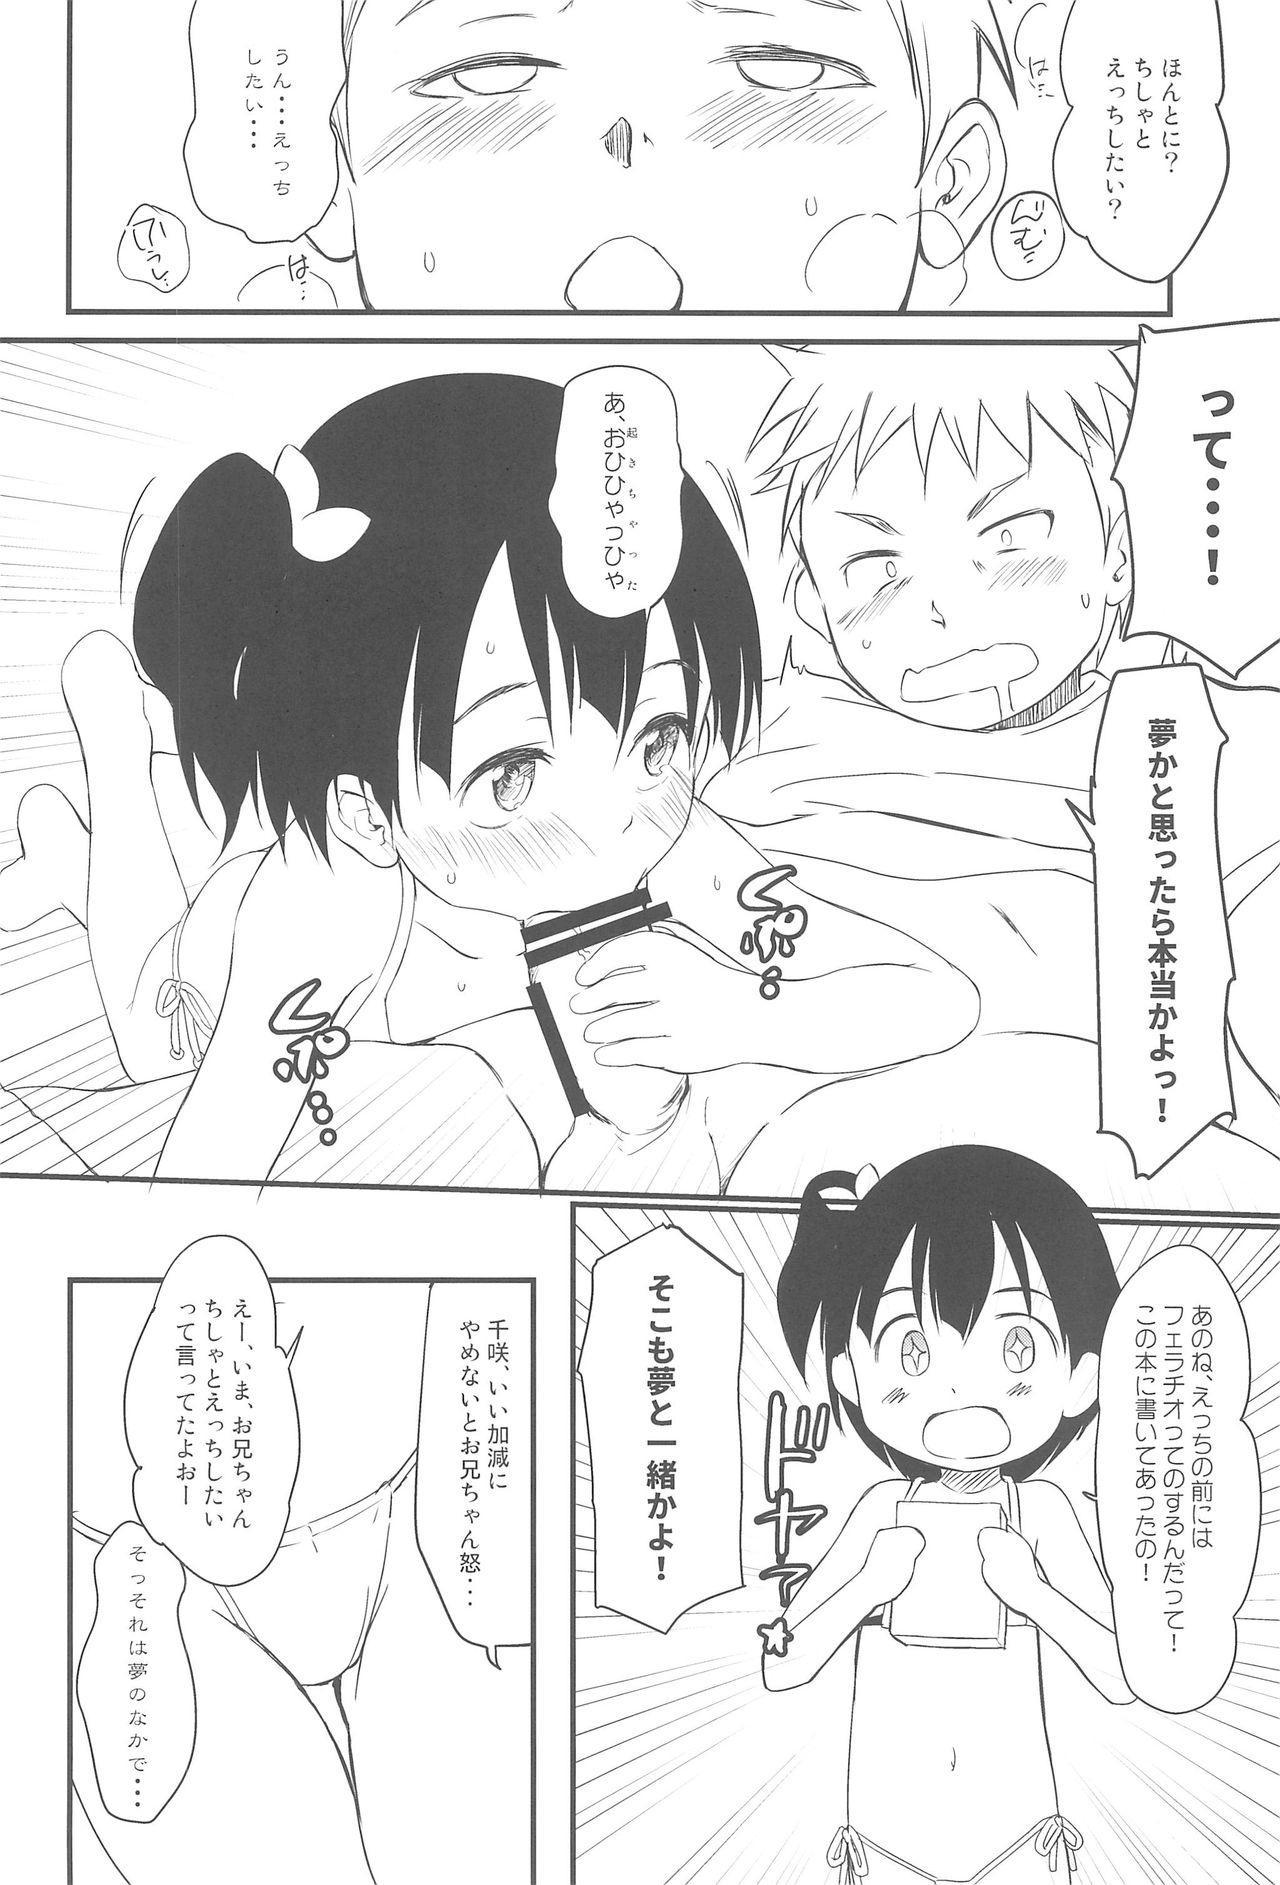 Imouto wa Minna Onii-chan ga Suki! 5 11